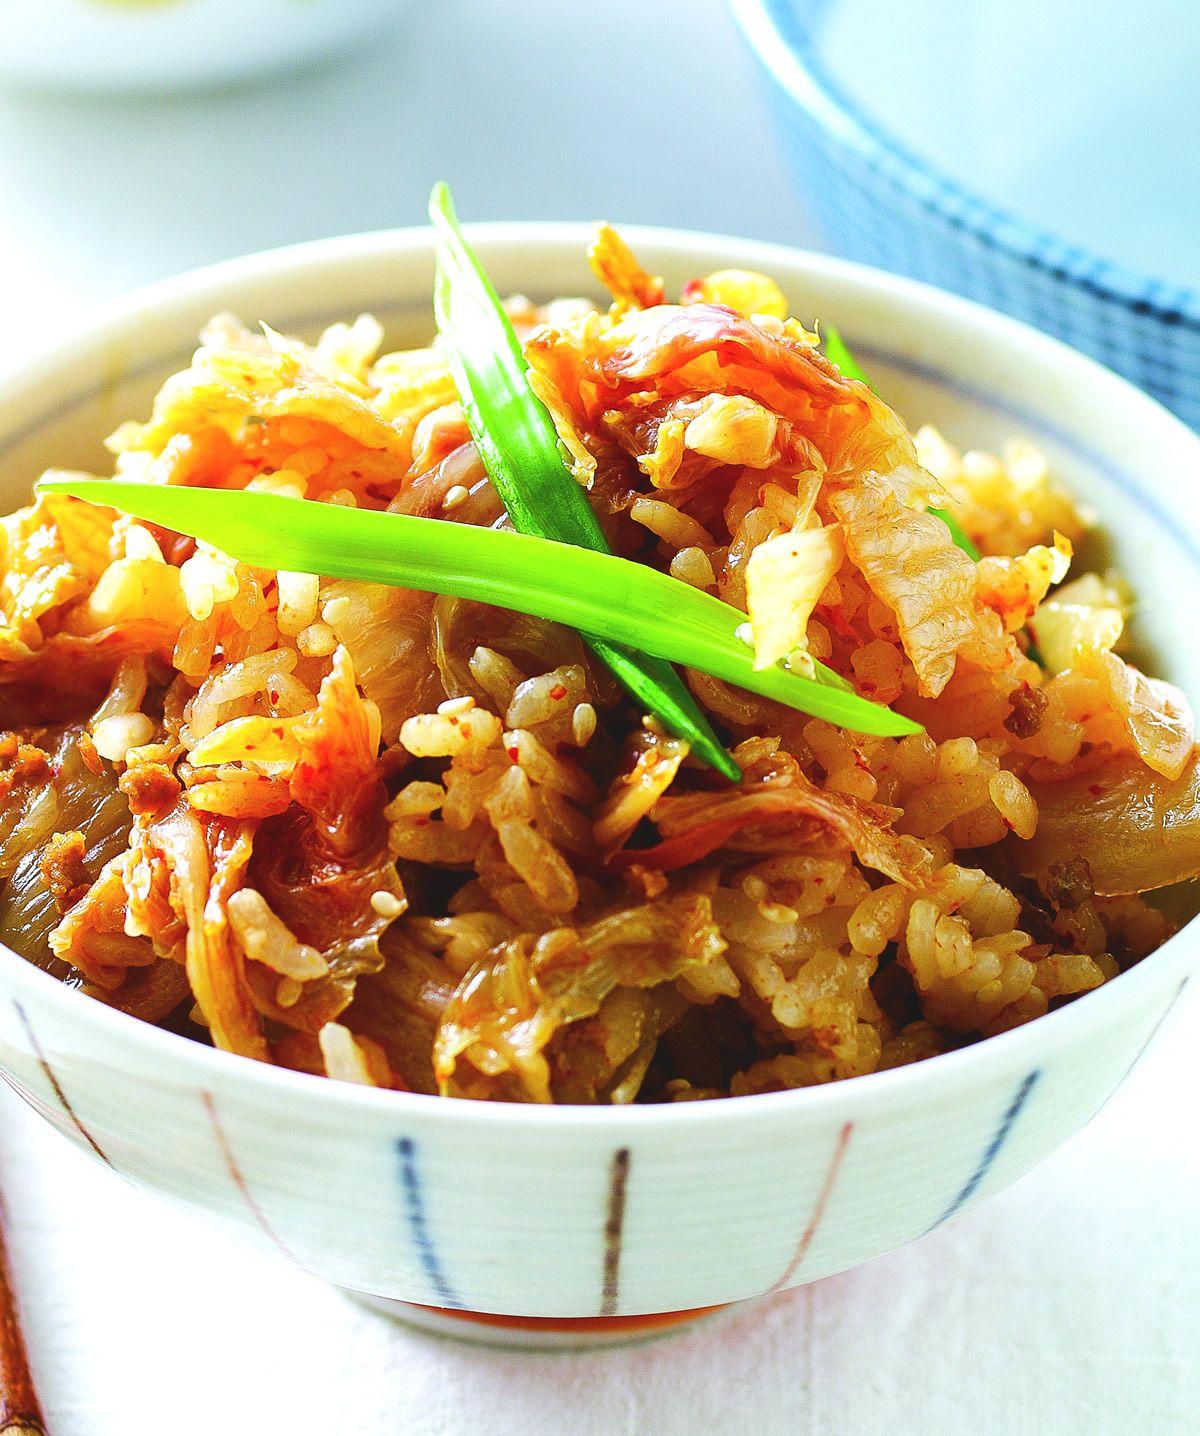 食譜:泡菜炊飯